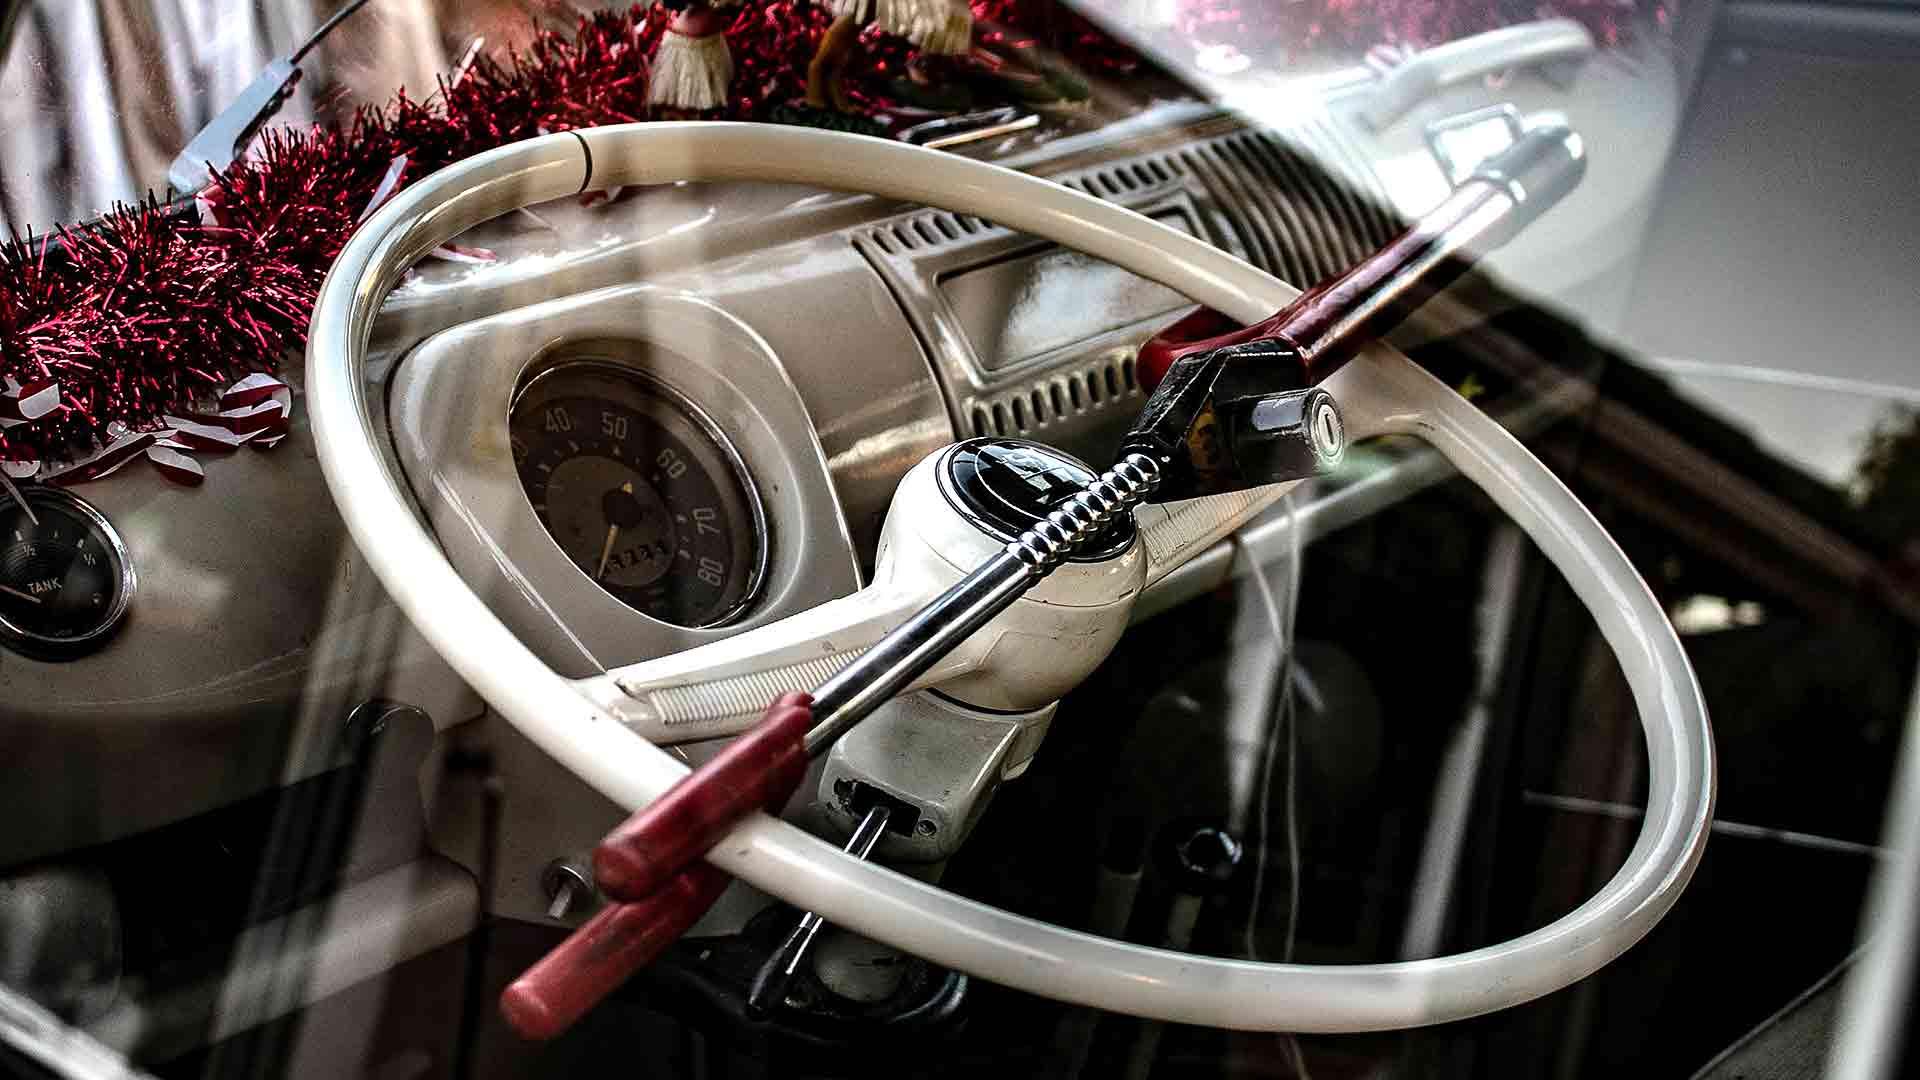 Steering wheel lock on a classic Volkswagen